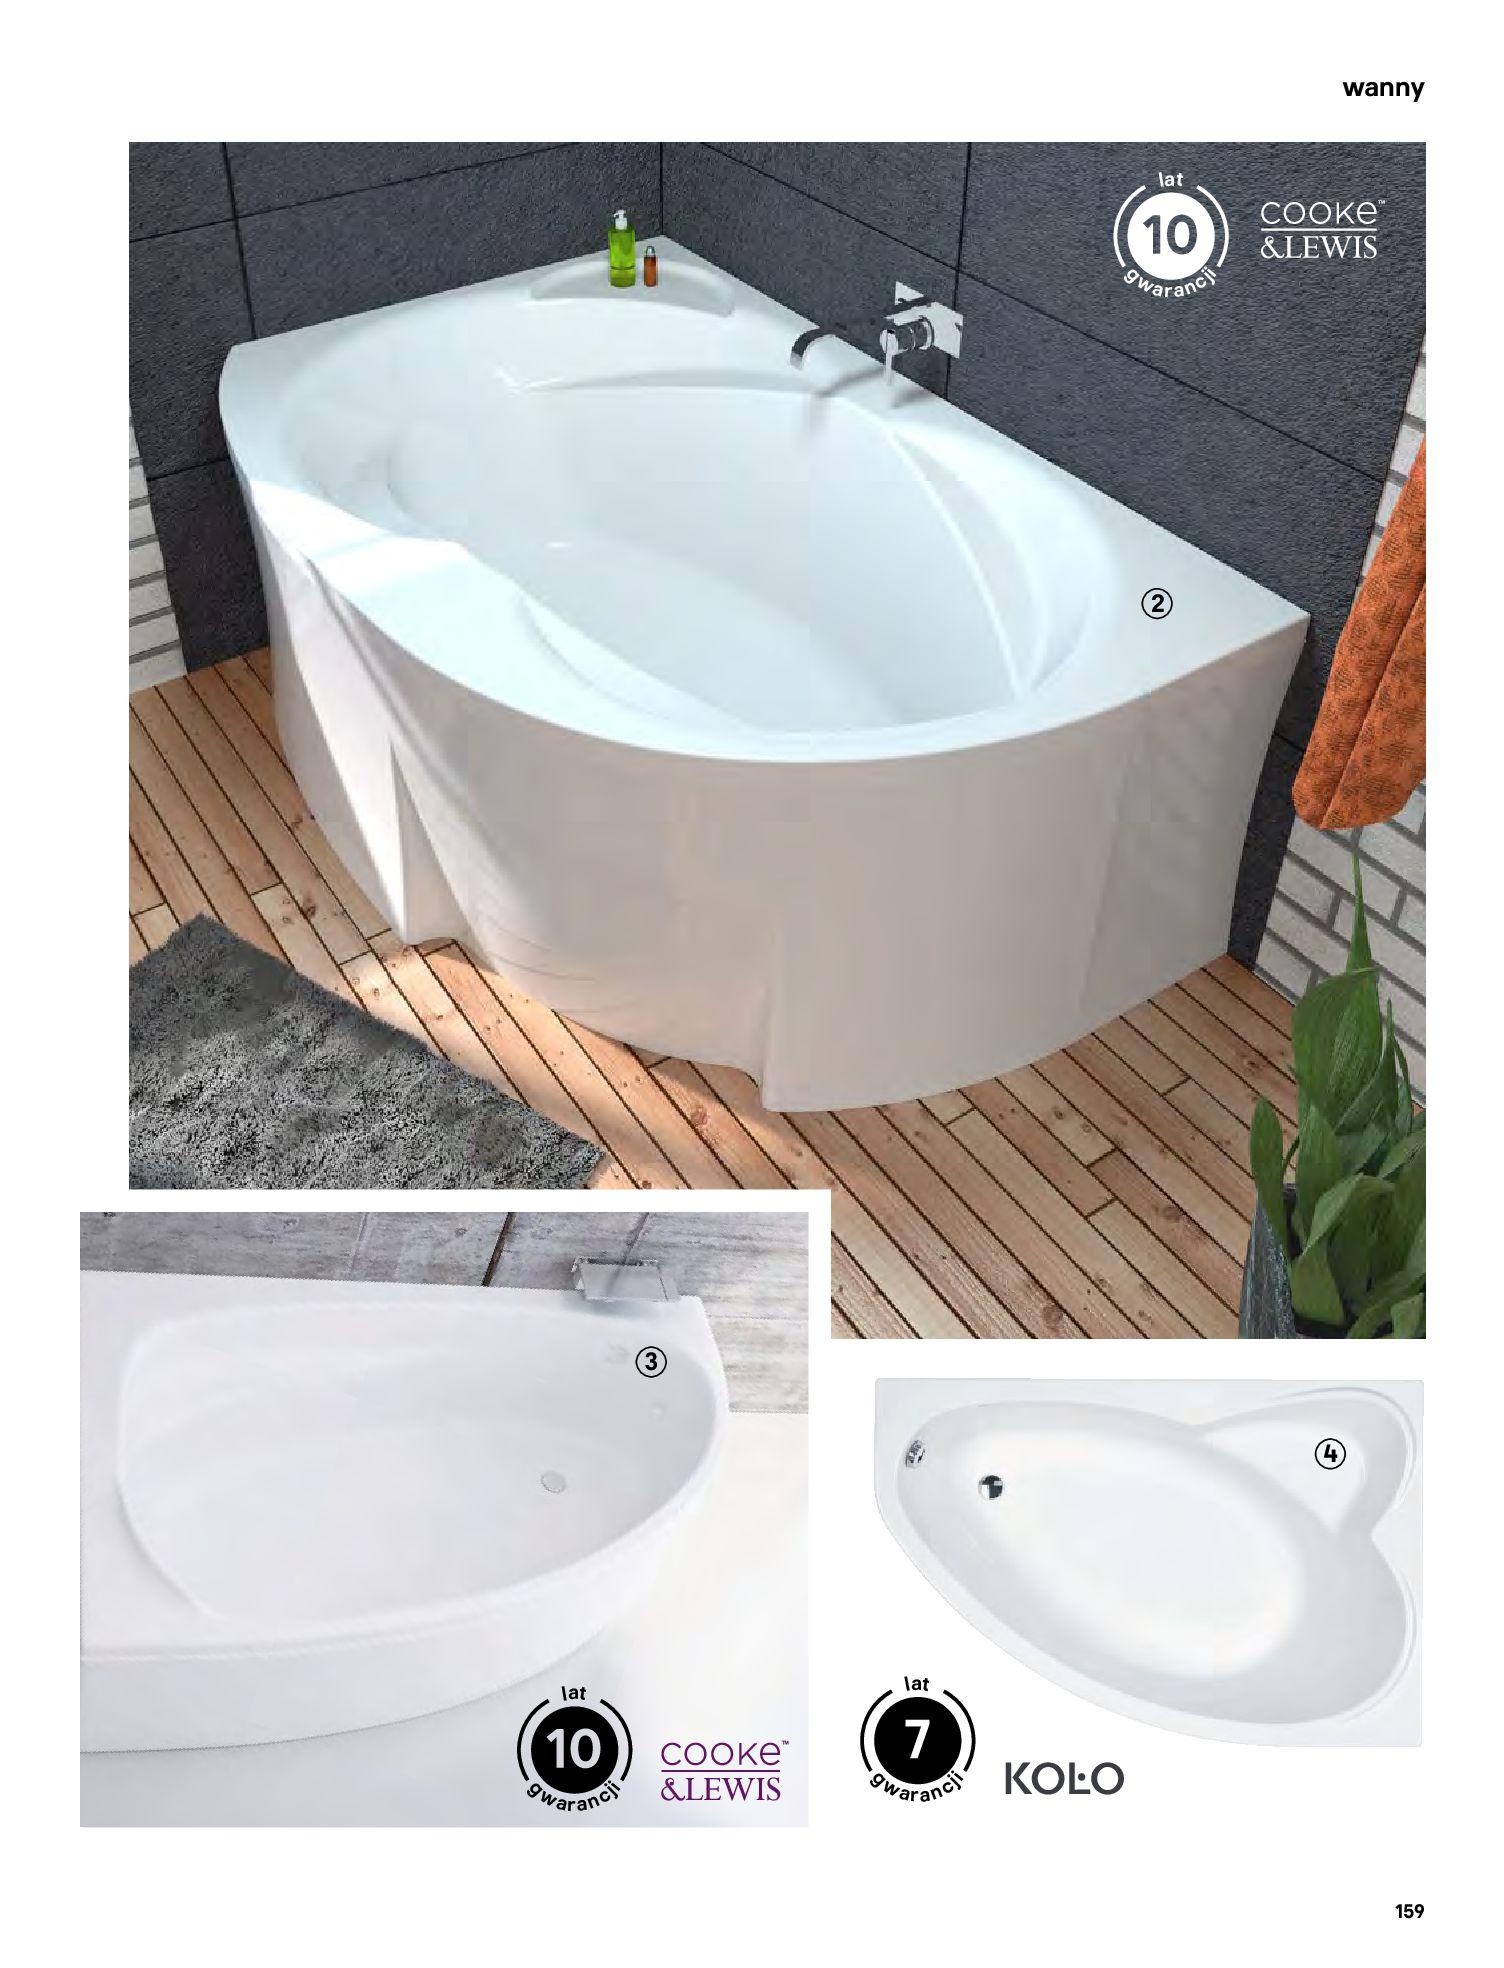 Gazetka Castorama: Gazetka Castorama - katalog łazienki 2021 2021-06-16 page-159